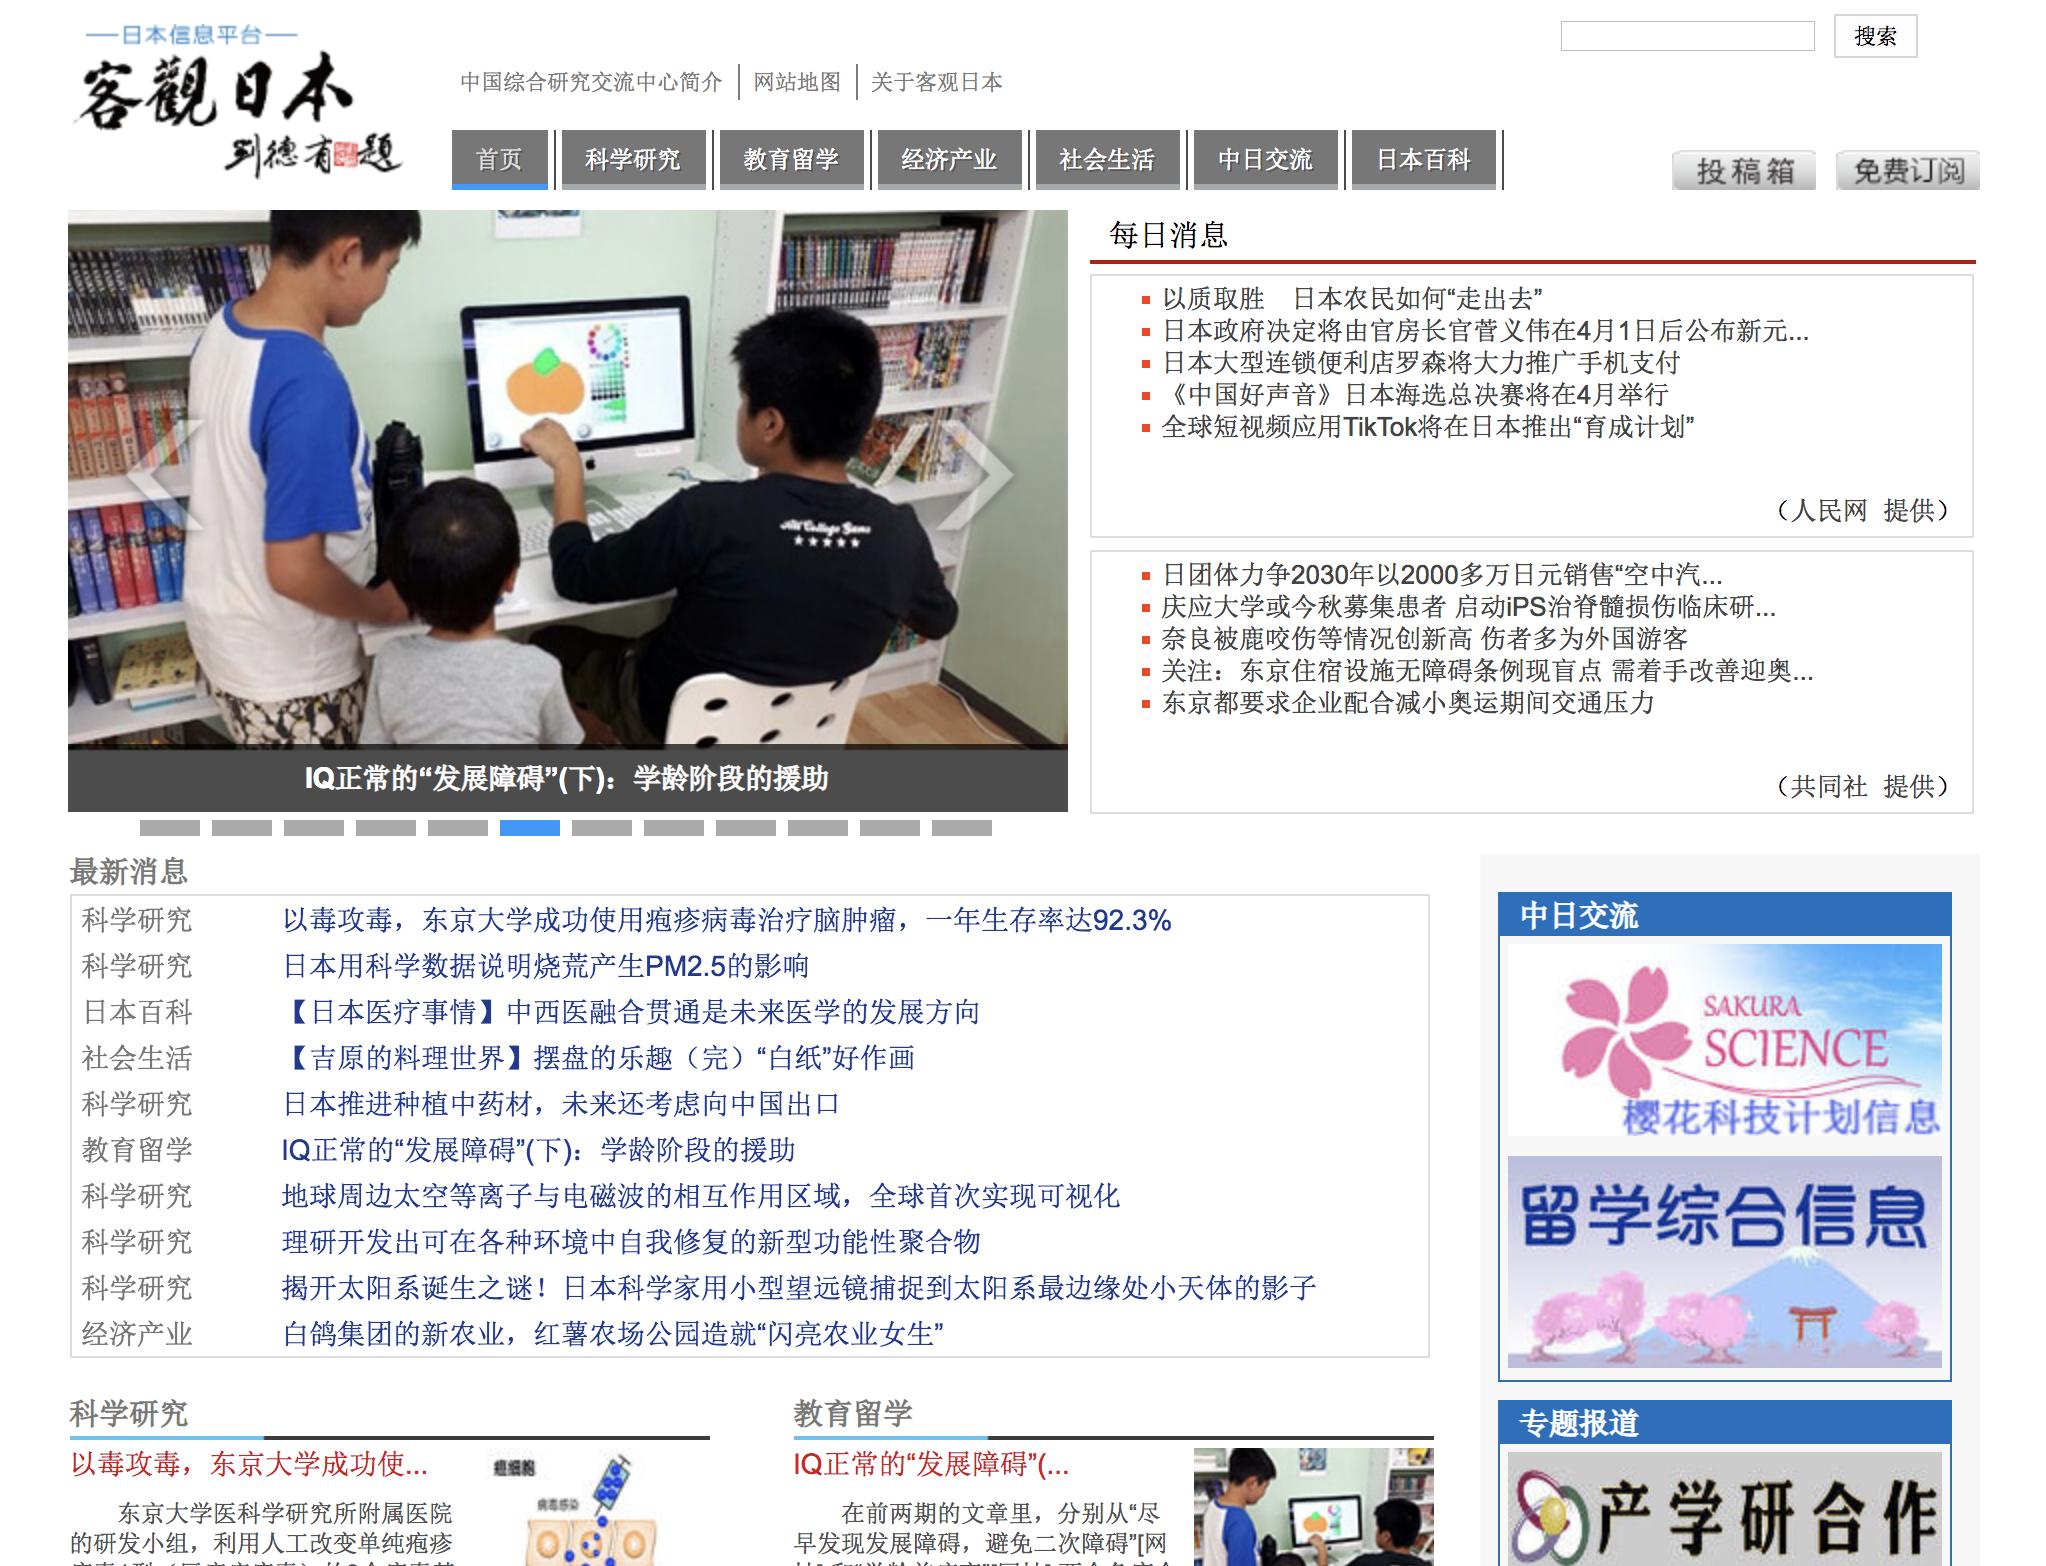 客观日本 - 日本信息平台